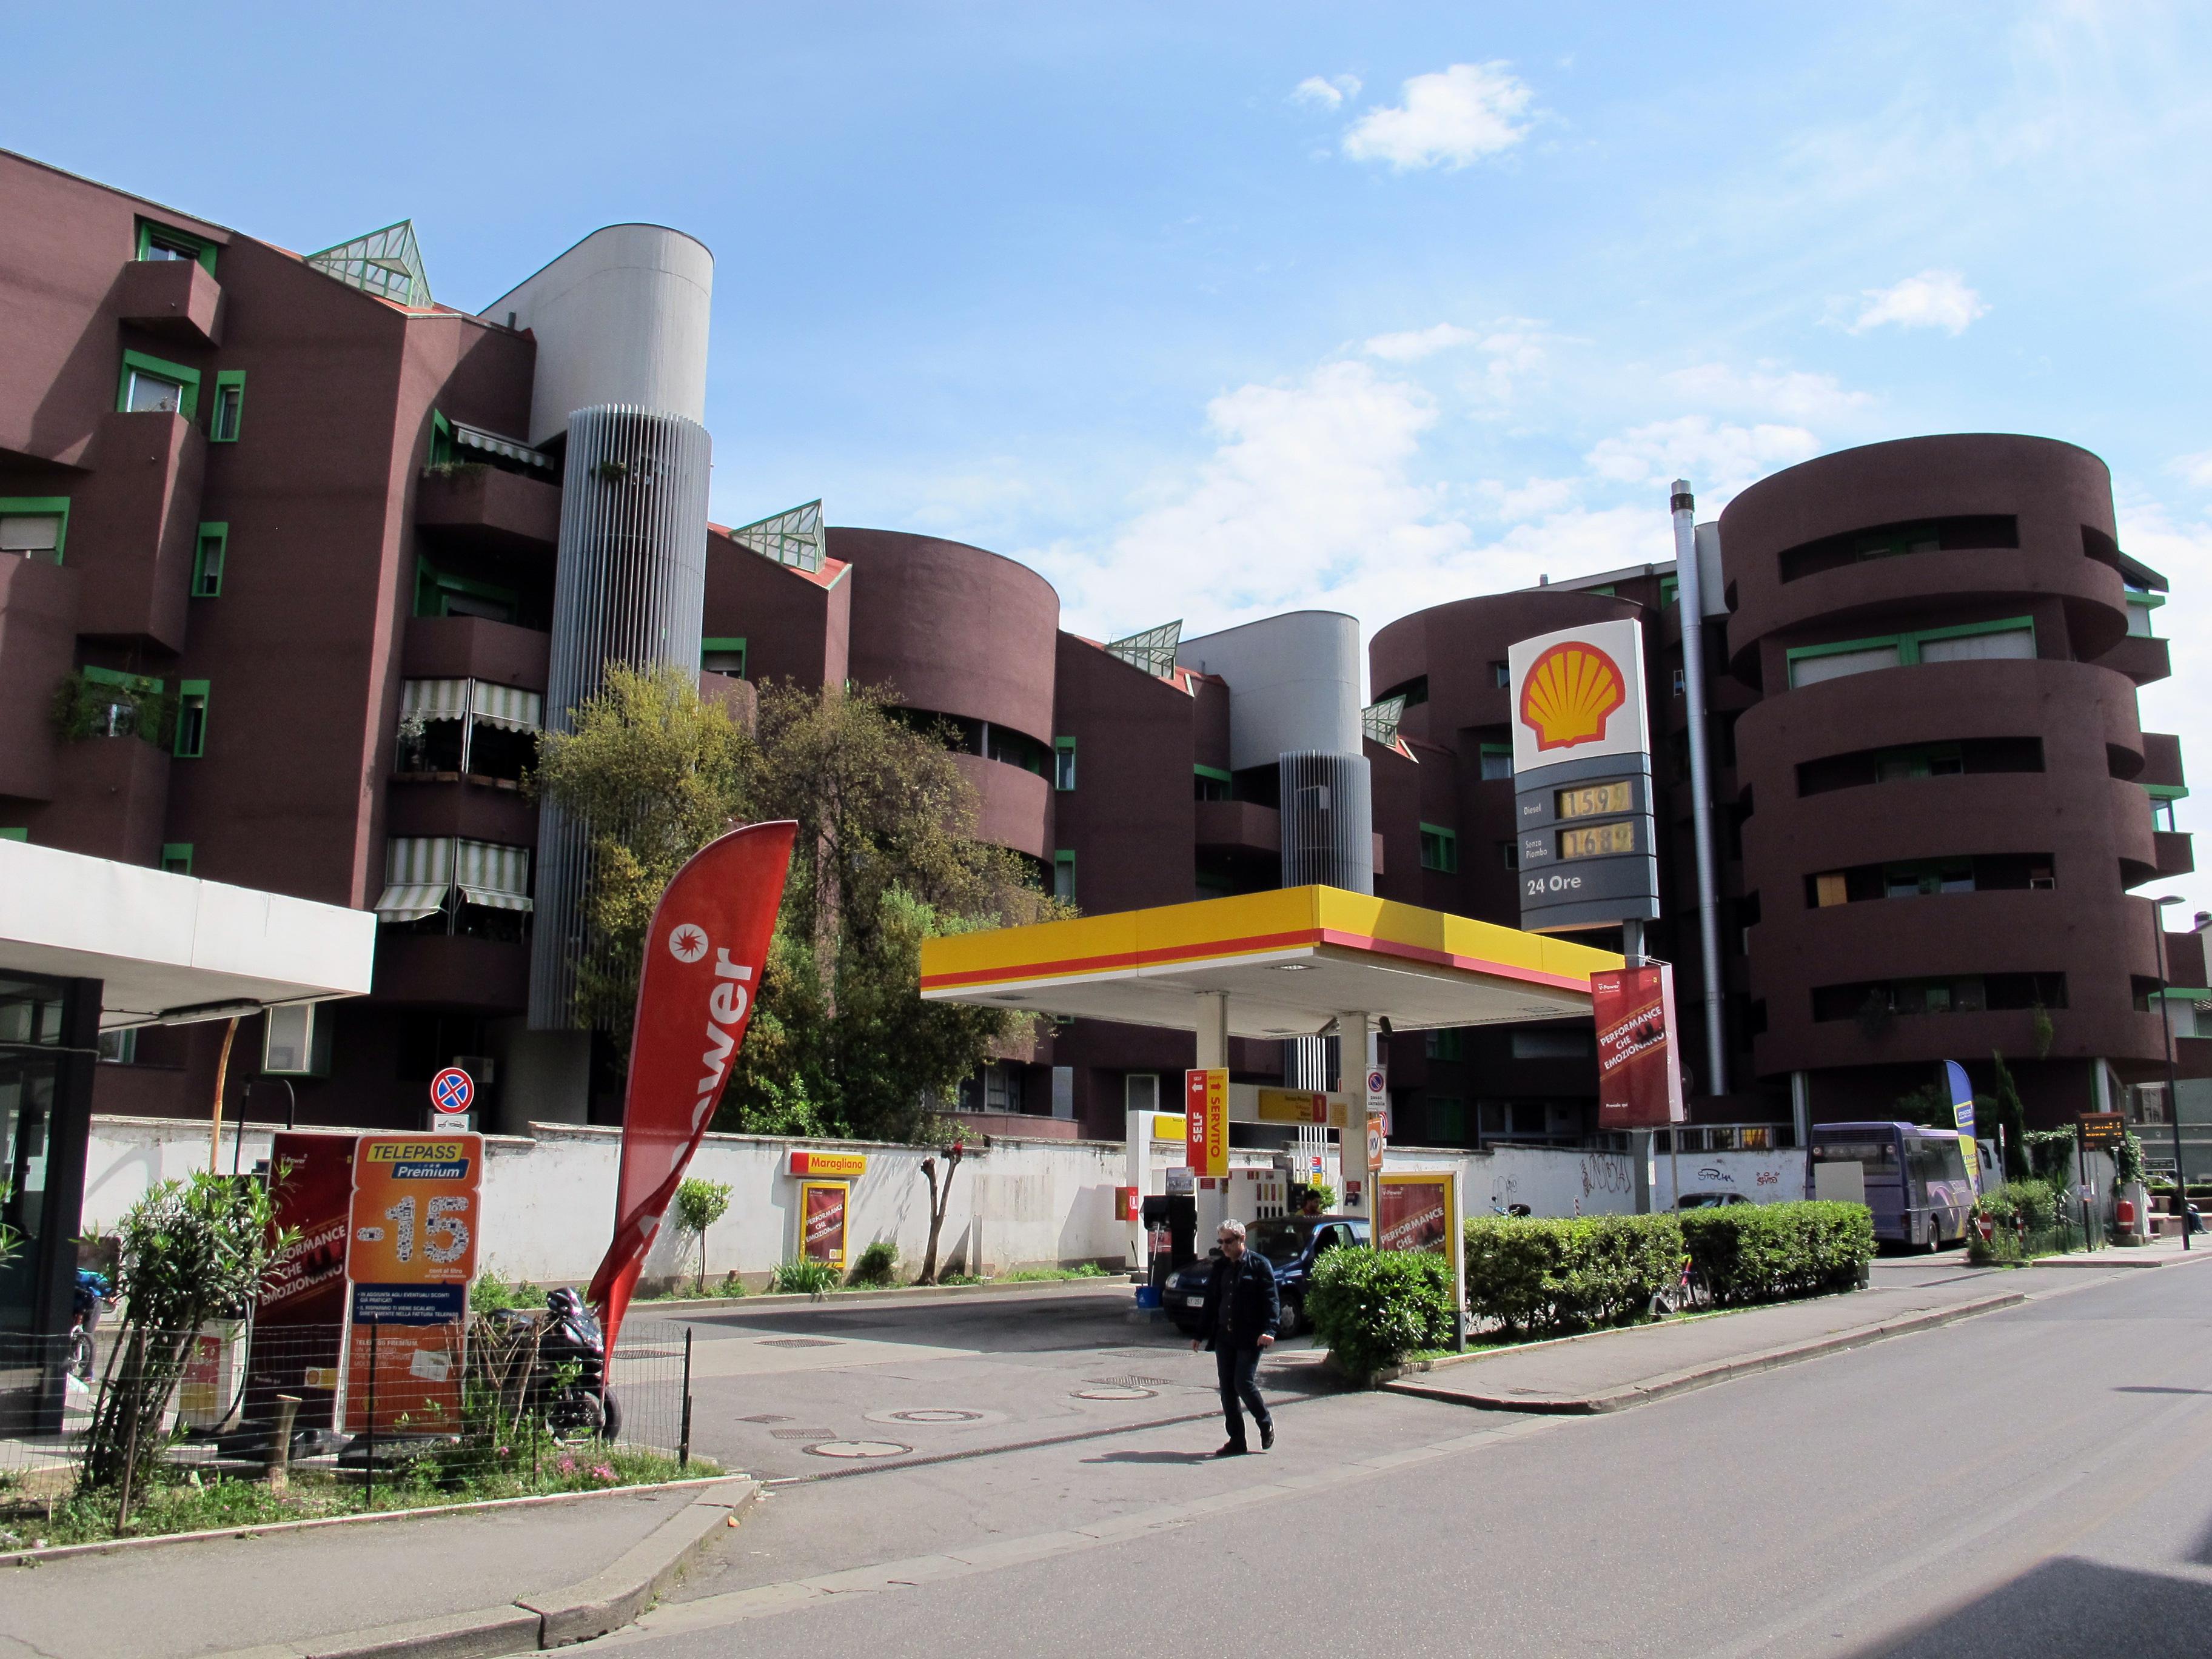 Piazza_san_jacopino,_edificio_05